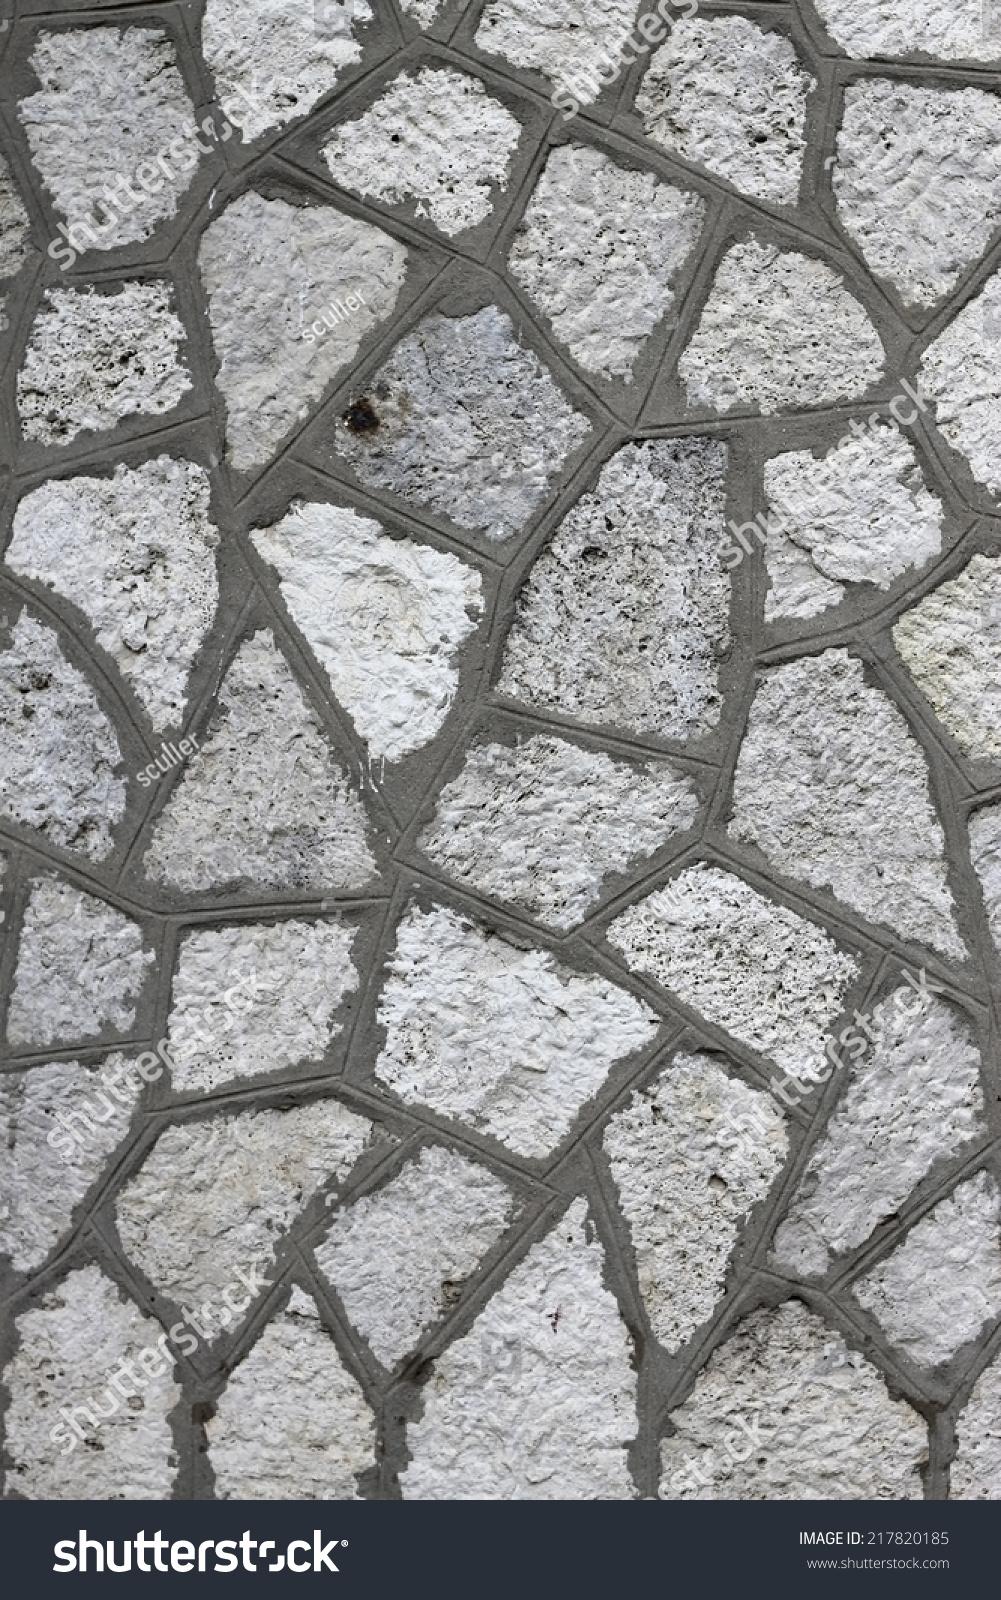 粗糙的灰色砖块变形表面-背景/素材